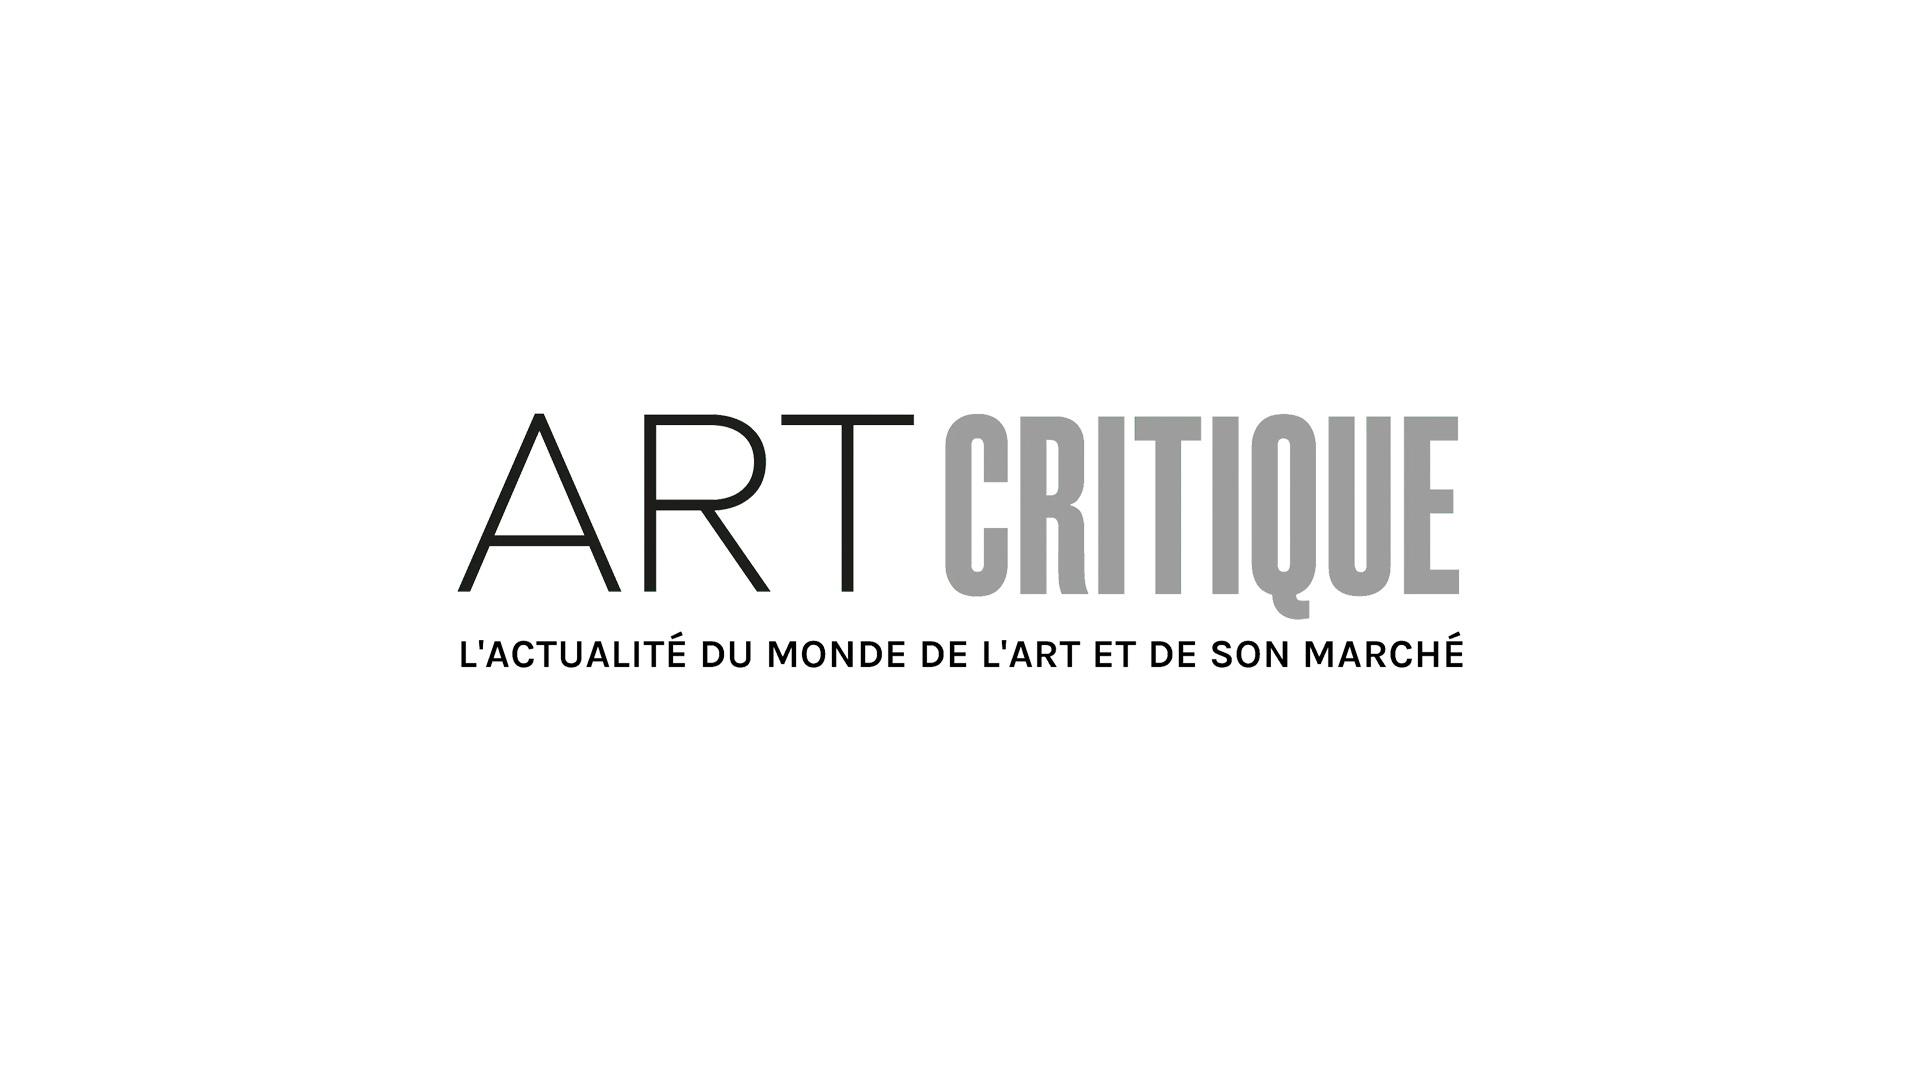 Décès de Jean Cortot, artiste et académicien